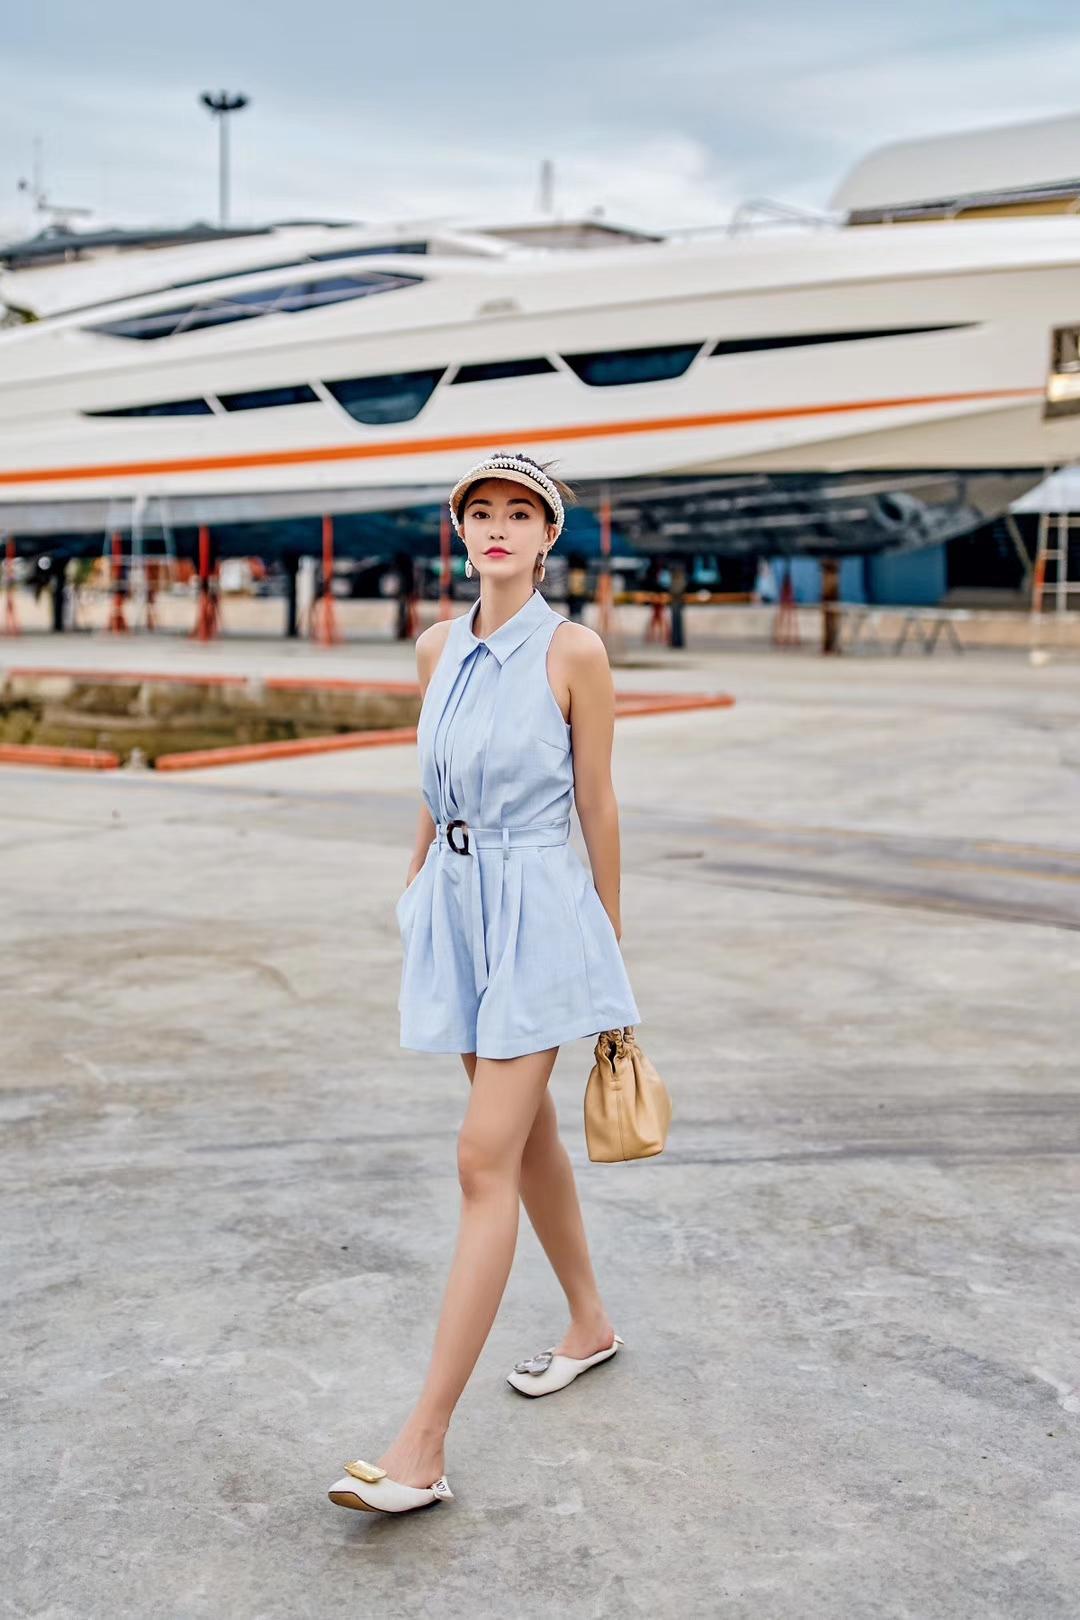 背心连体短裤 蓝色上身似有一种清凉的魔法,搭配丝质般爽滑的面料,像水拂面一般柔软。连体的设计,上半身是有翻领的背心,版型会较寻常更加挺括高质。胸前藏有褶裥设计,注入了线条艺术感,下半身衔接宽松的短裤,搭配自带的腰扣,收缩腰身,双腿会更显修长。  